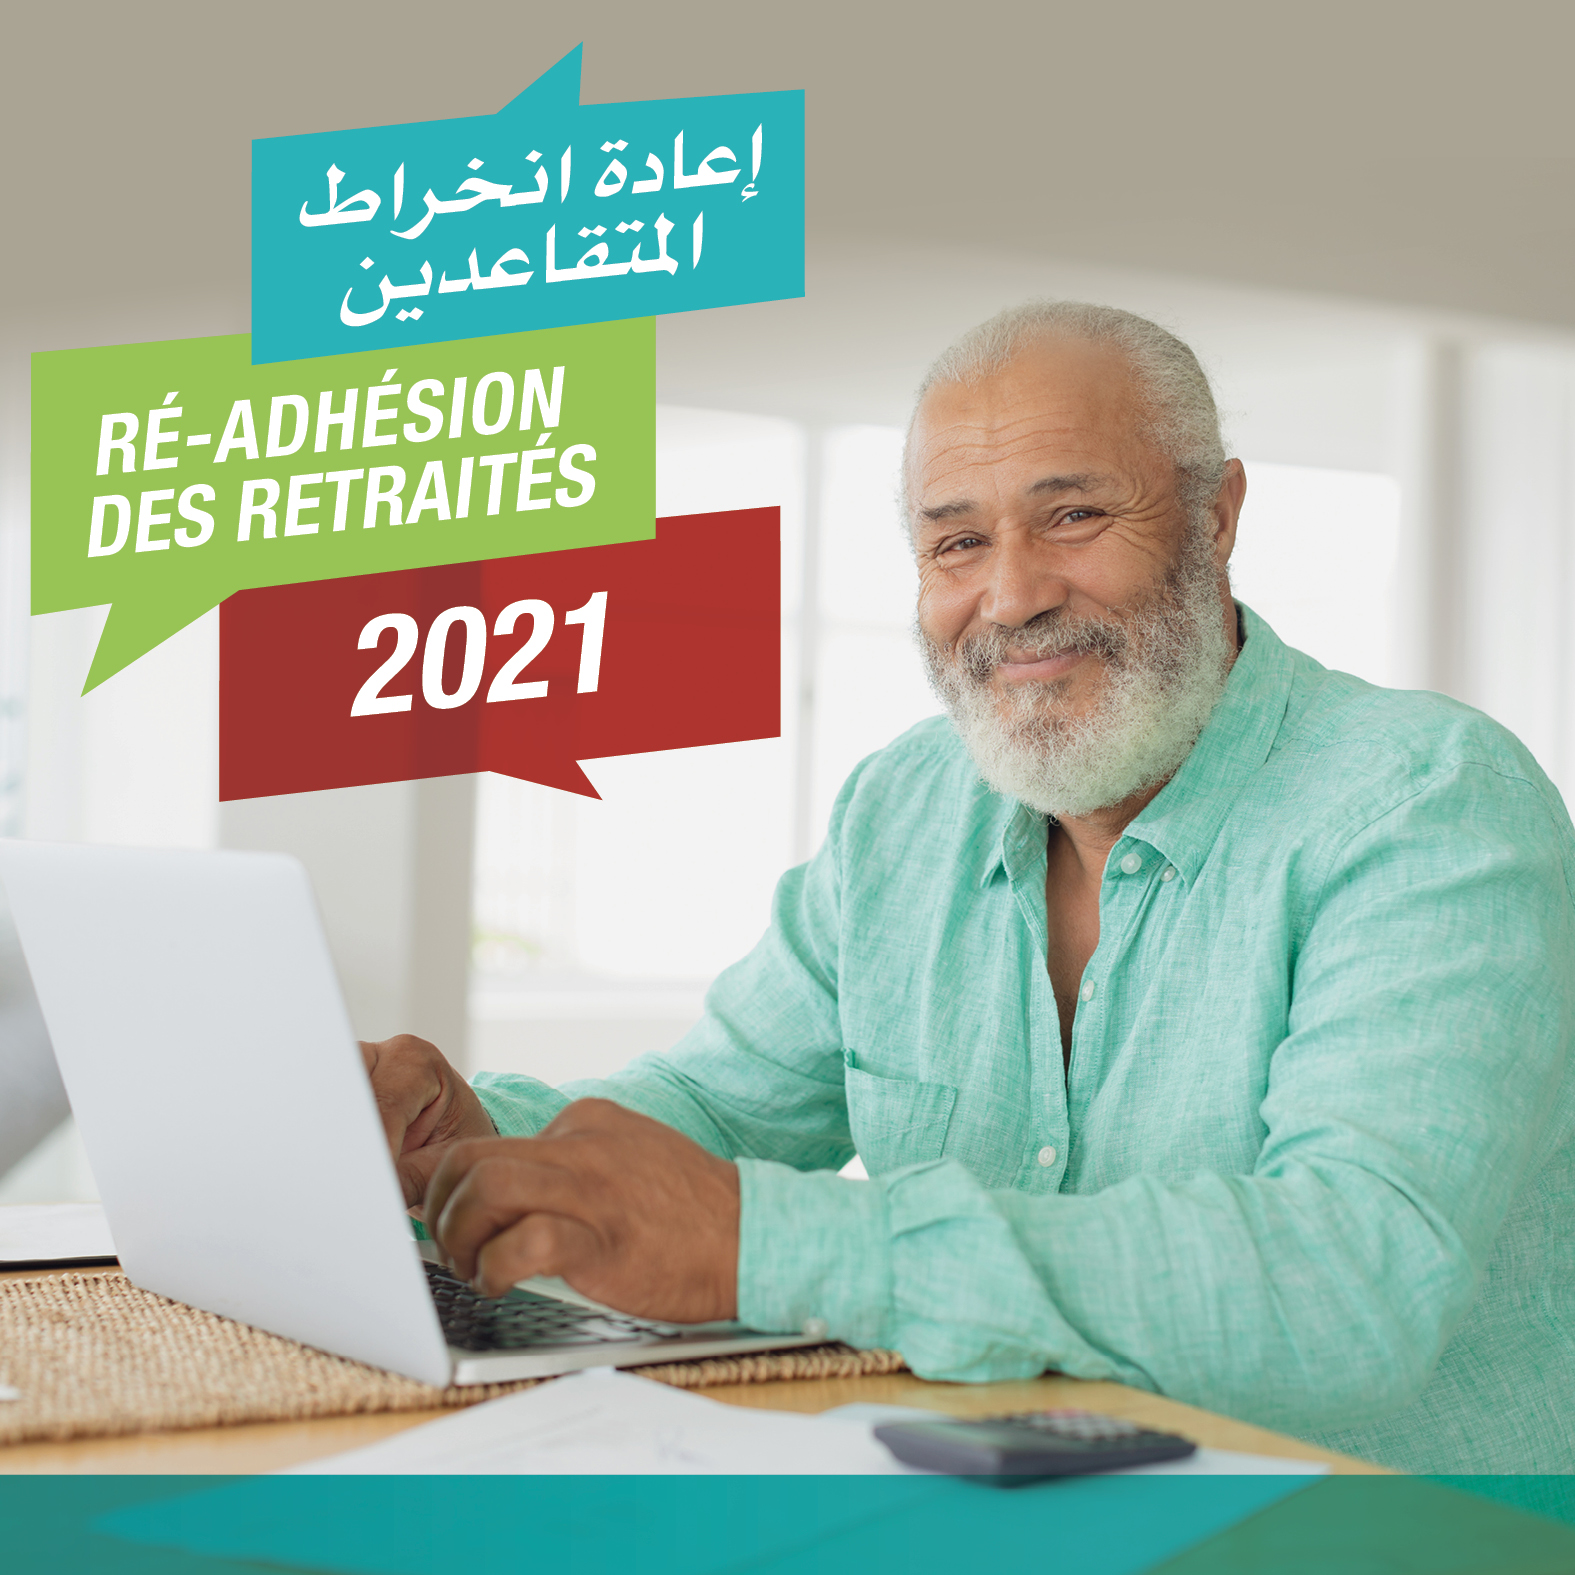 2021 : ré-adhésion des retraités